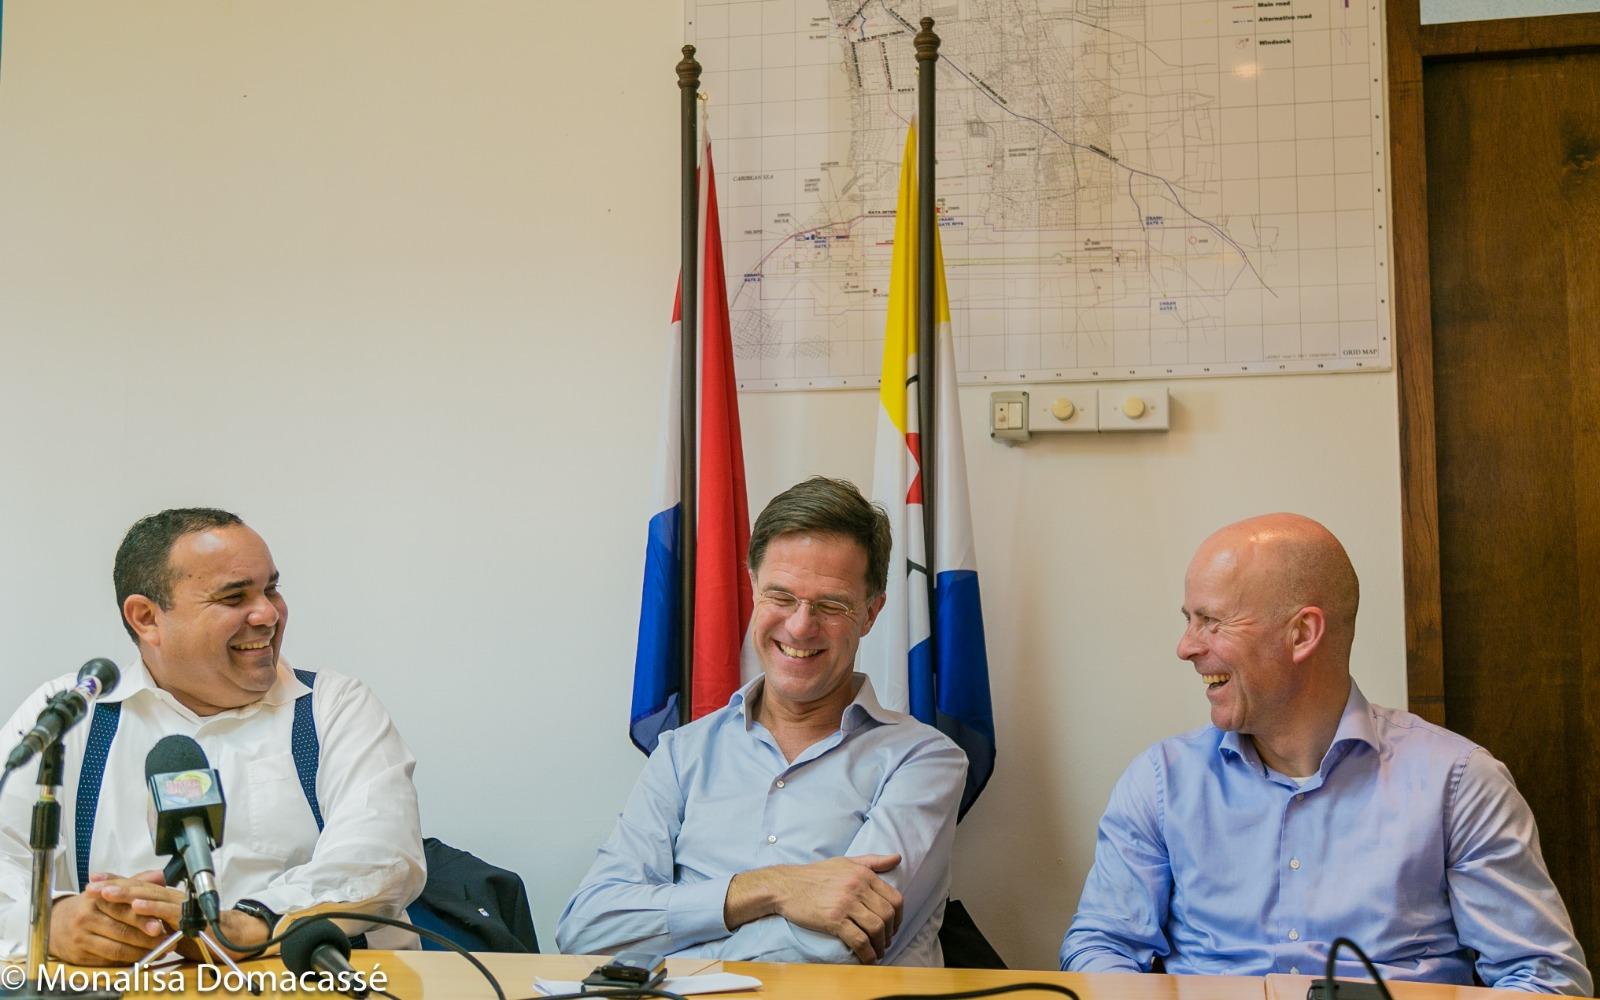 Ontspannen Minister President Rutte zeer positief over de toekomst van Bonaire